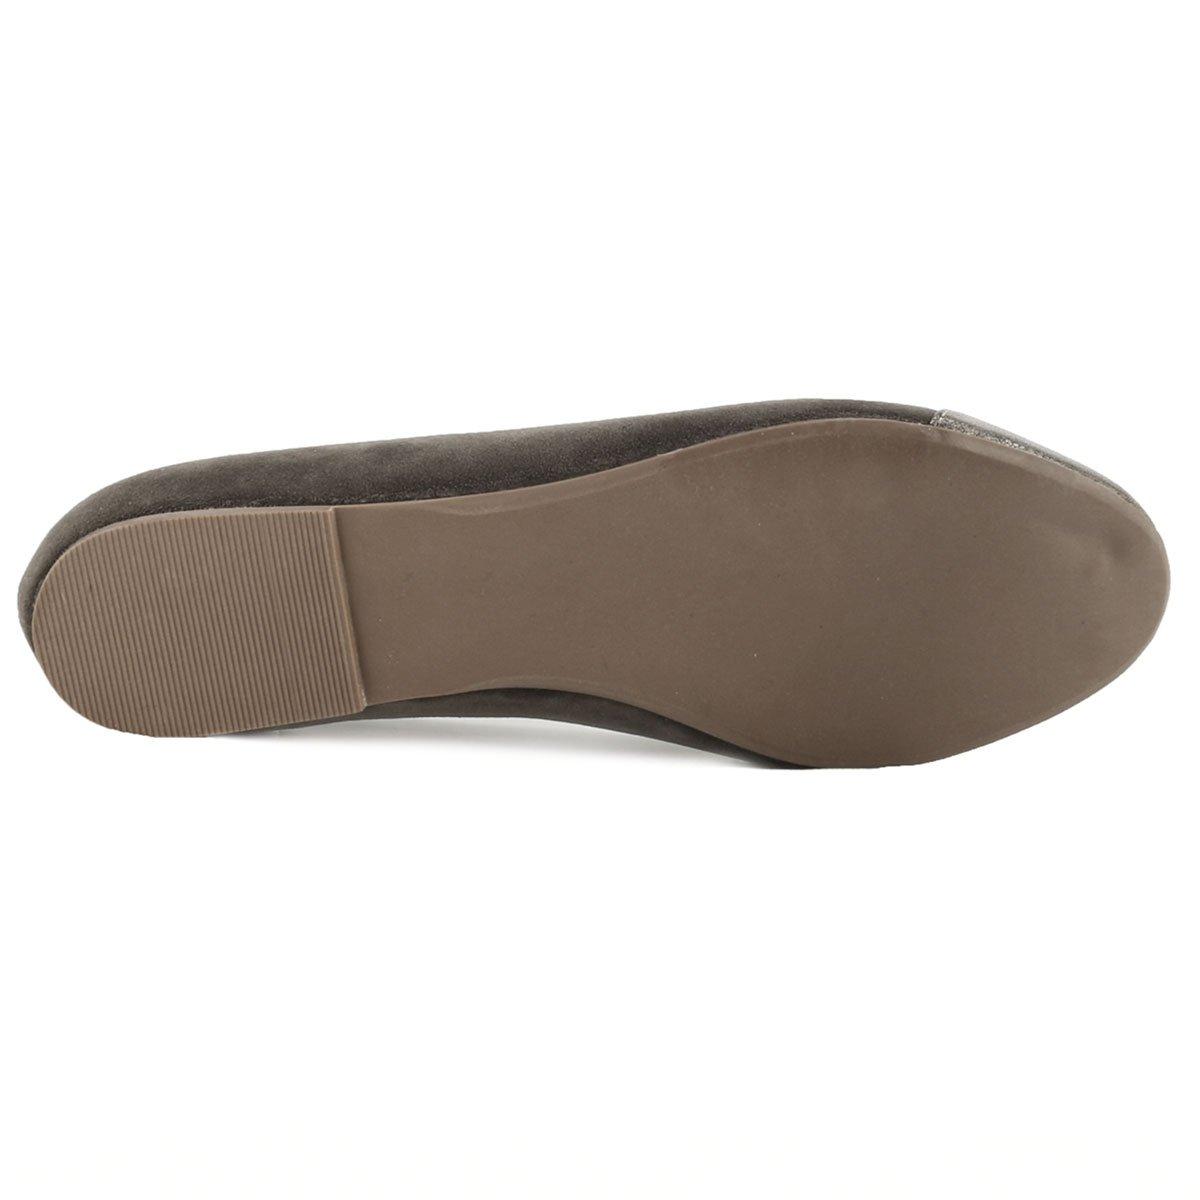 Cinza Sapatilha Sapatilha Cinza Feminina Feminina Sense Angela Angela Shoes Sapatilha Angela Sense Shoes 5OwptHxHq